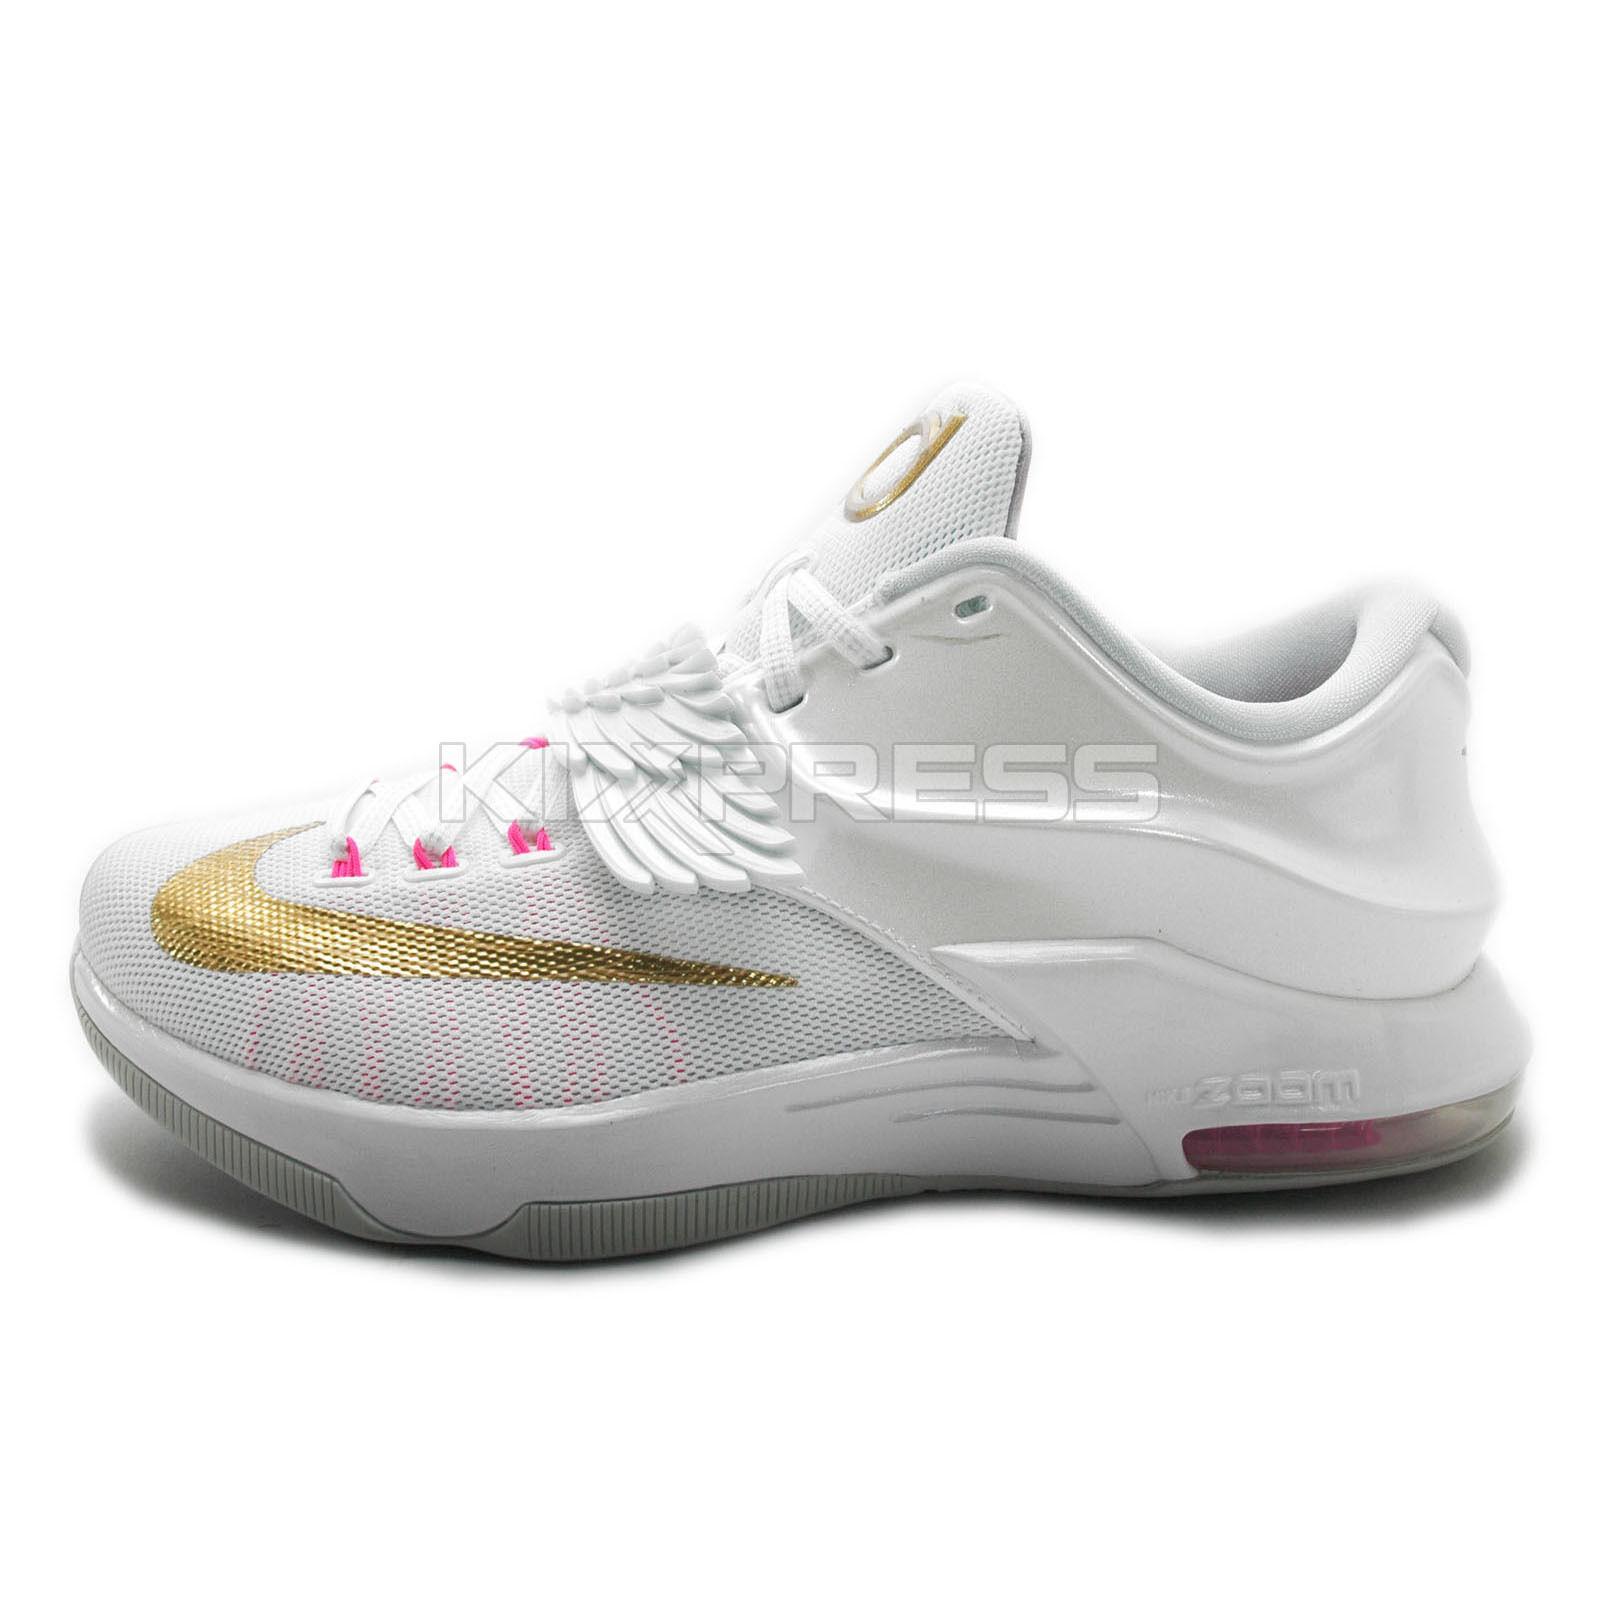 Nike KD VII PMR EP Blanco [744984-176] Basketball tía Pearl Blanco EP / Oro Pure Platinum 3187b4